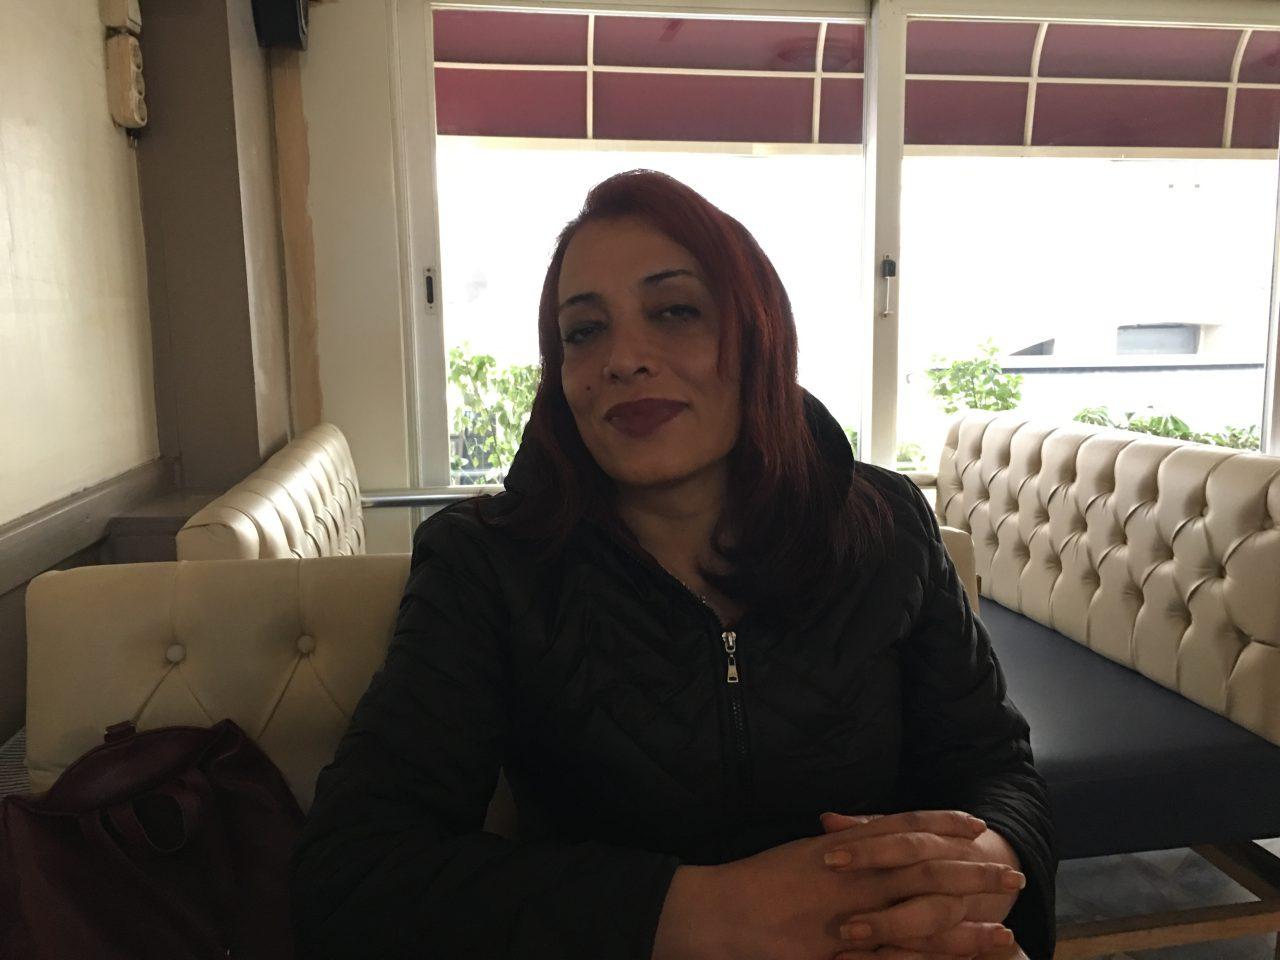 Esmeray: Seks işçilerinin üzerindeki baskı ve zulüm hep aynı